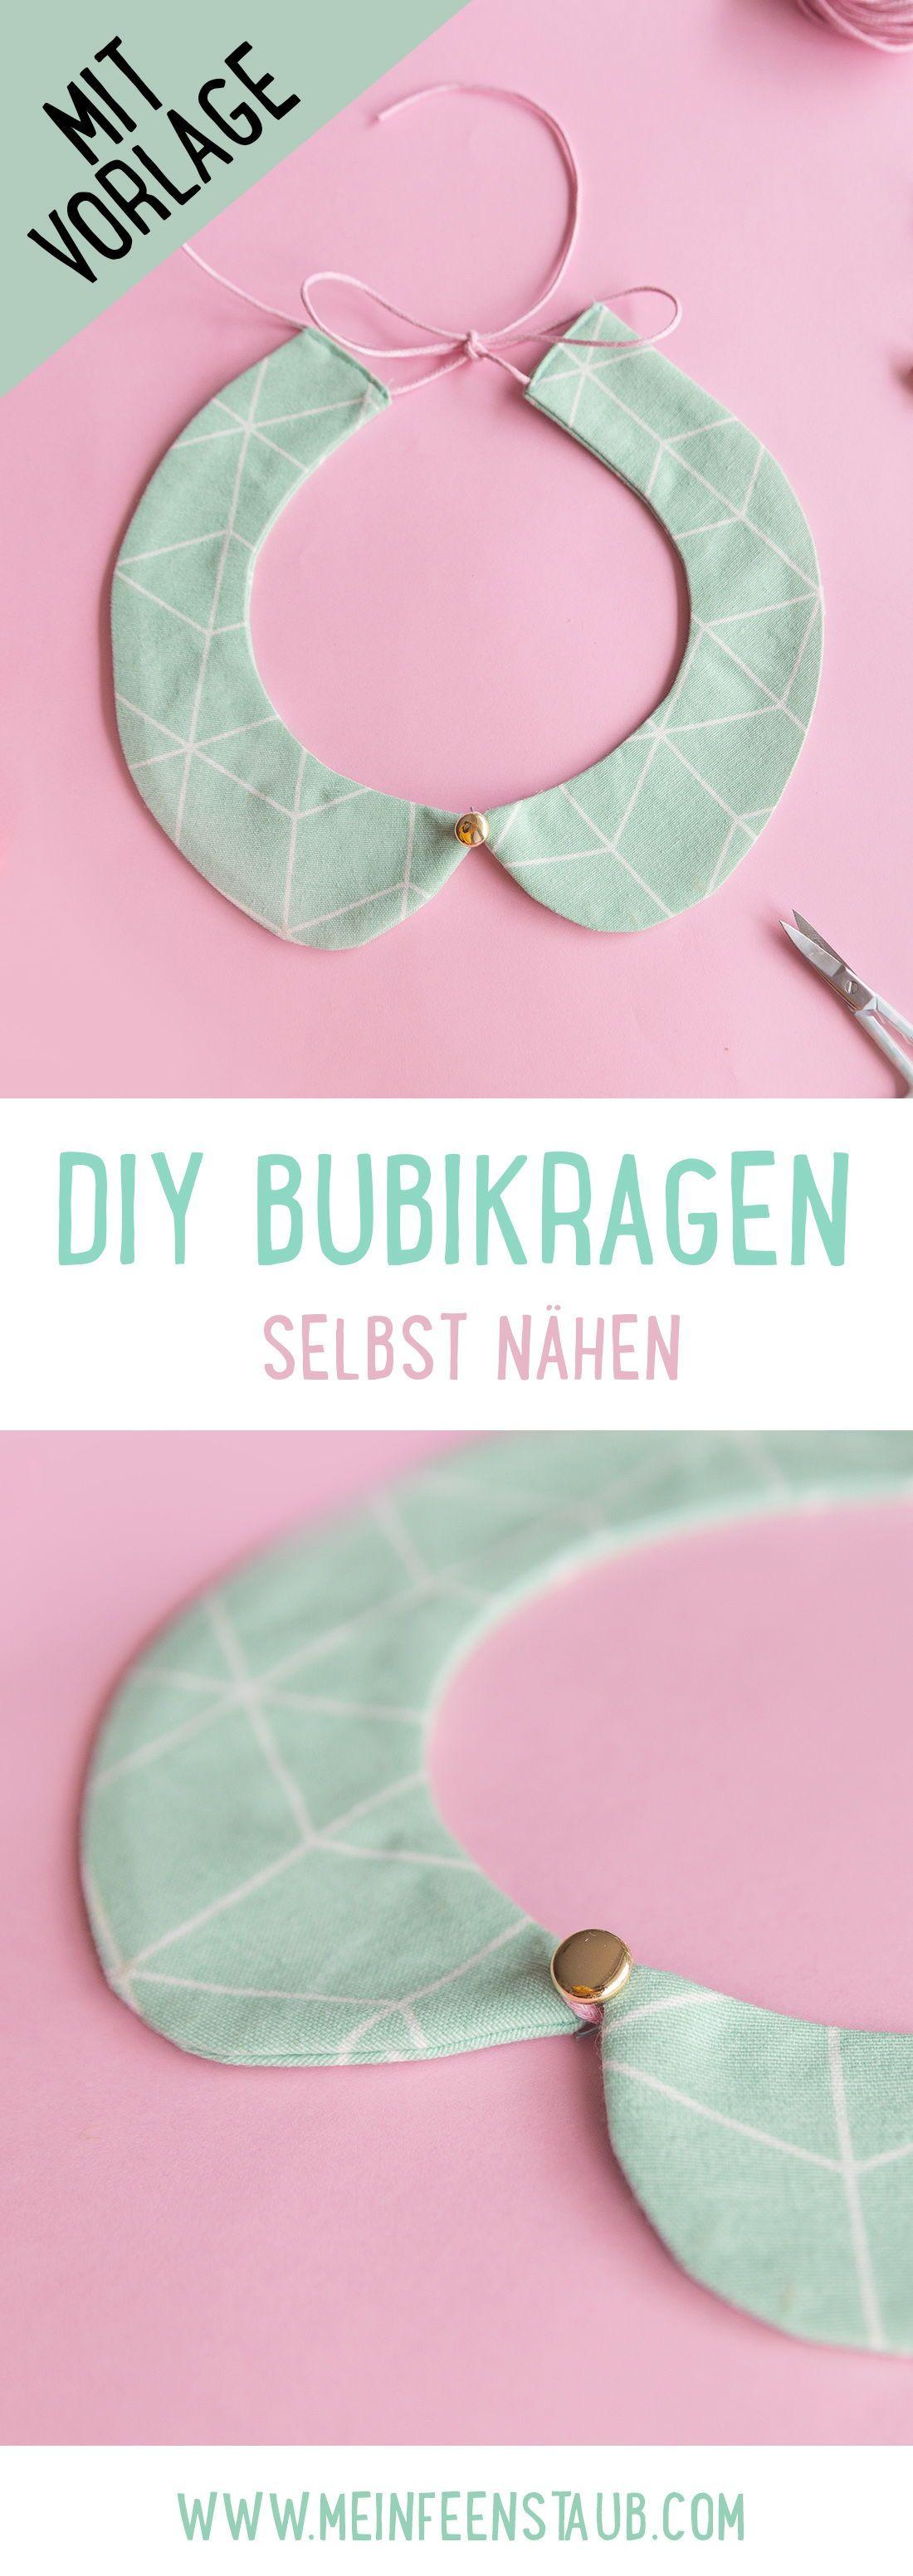 DIY: Bubikragen selbst nähen | ARD-Buffet | mein feenstaub